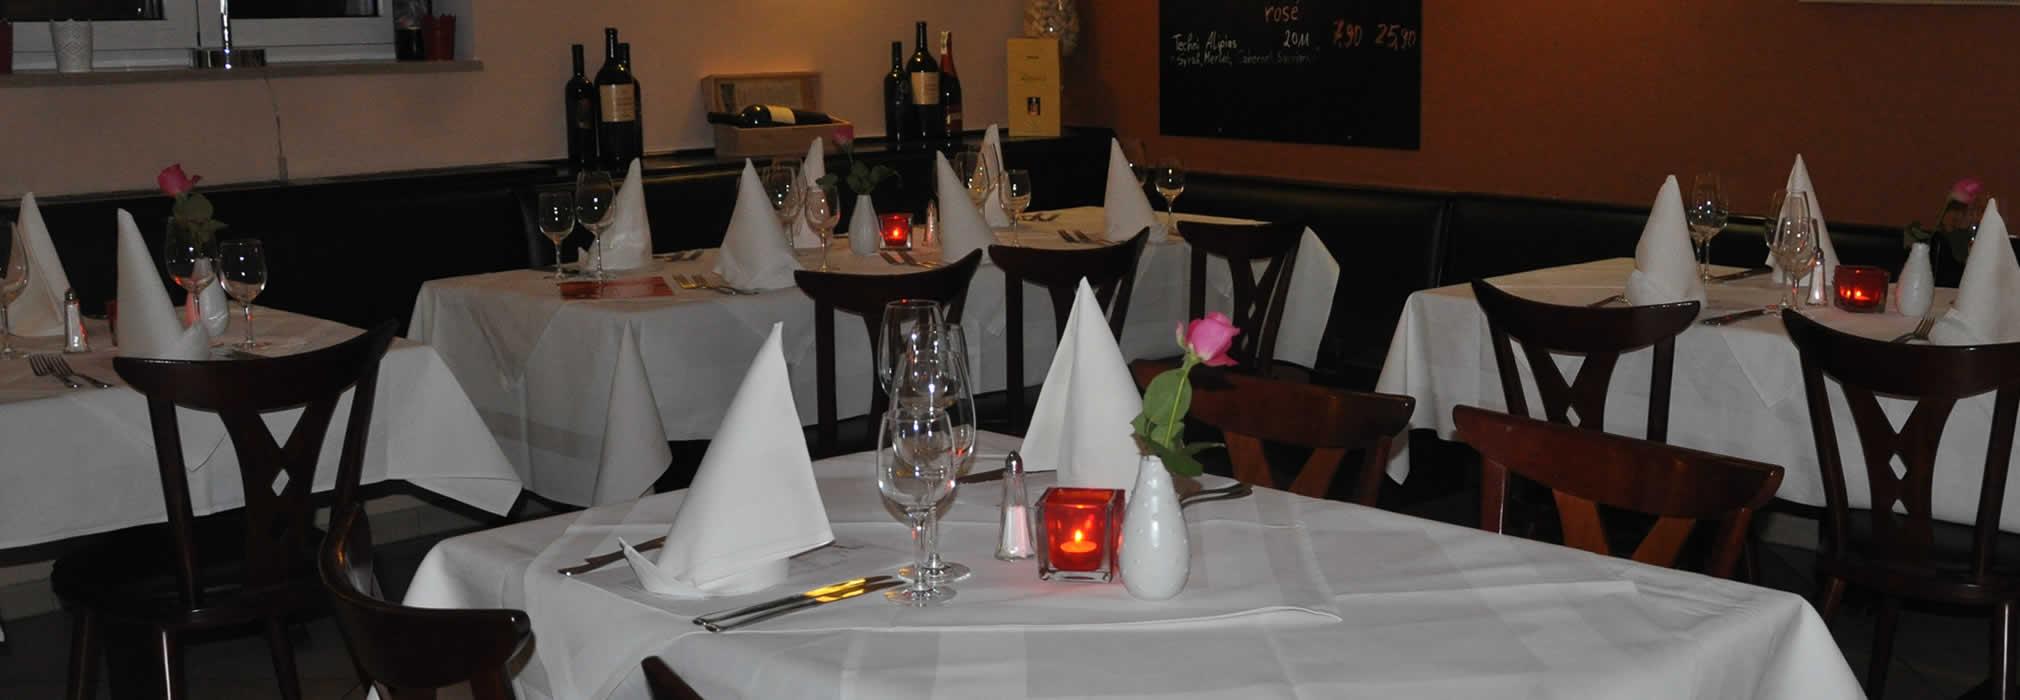 DAs Fischrestaurant in München (Papazofs)